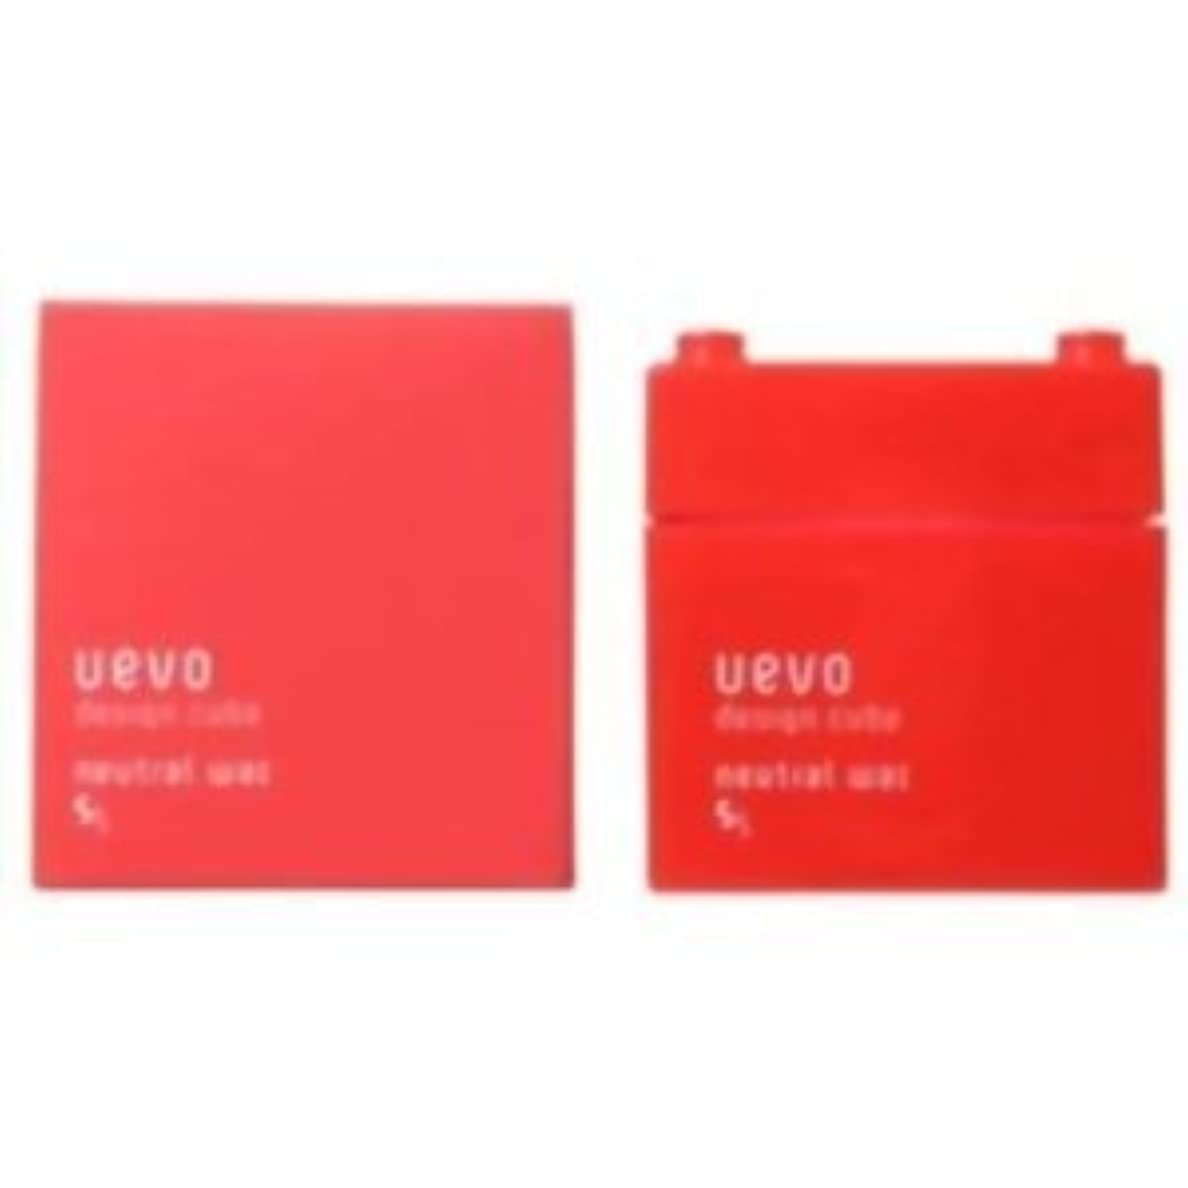 メカニック解決するシエスタ【X2個セット】 デミ ウェーボ デザインキューブ ニュートラルワックス 80g neutral wax DEMI uevo design cube